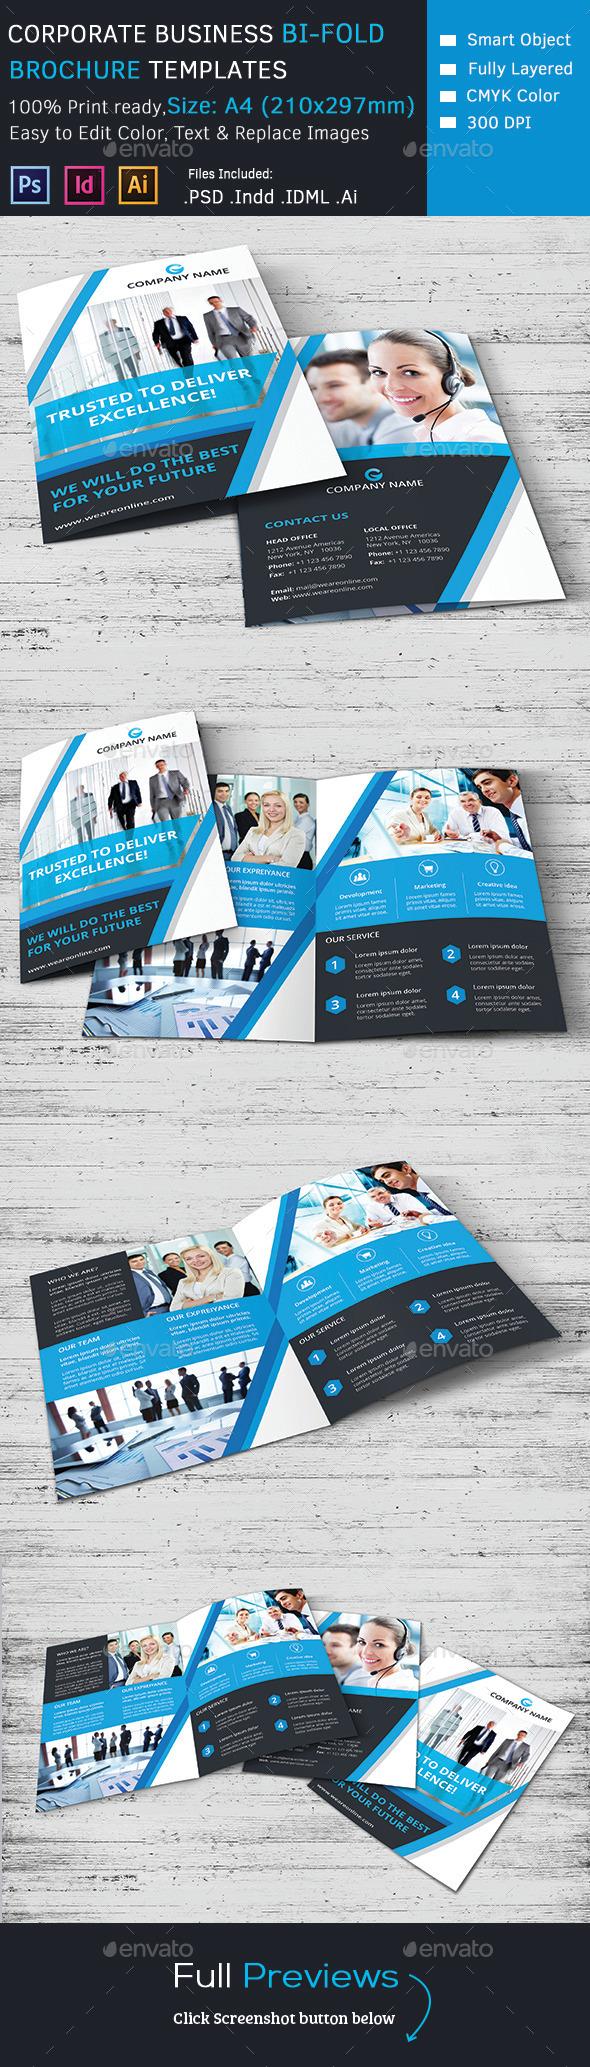 Corporate Marketing Bi-Fold Brochure - Corporate Brochures